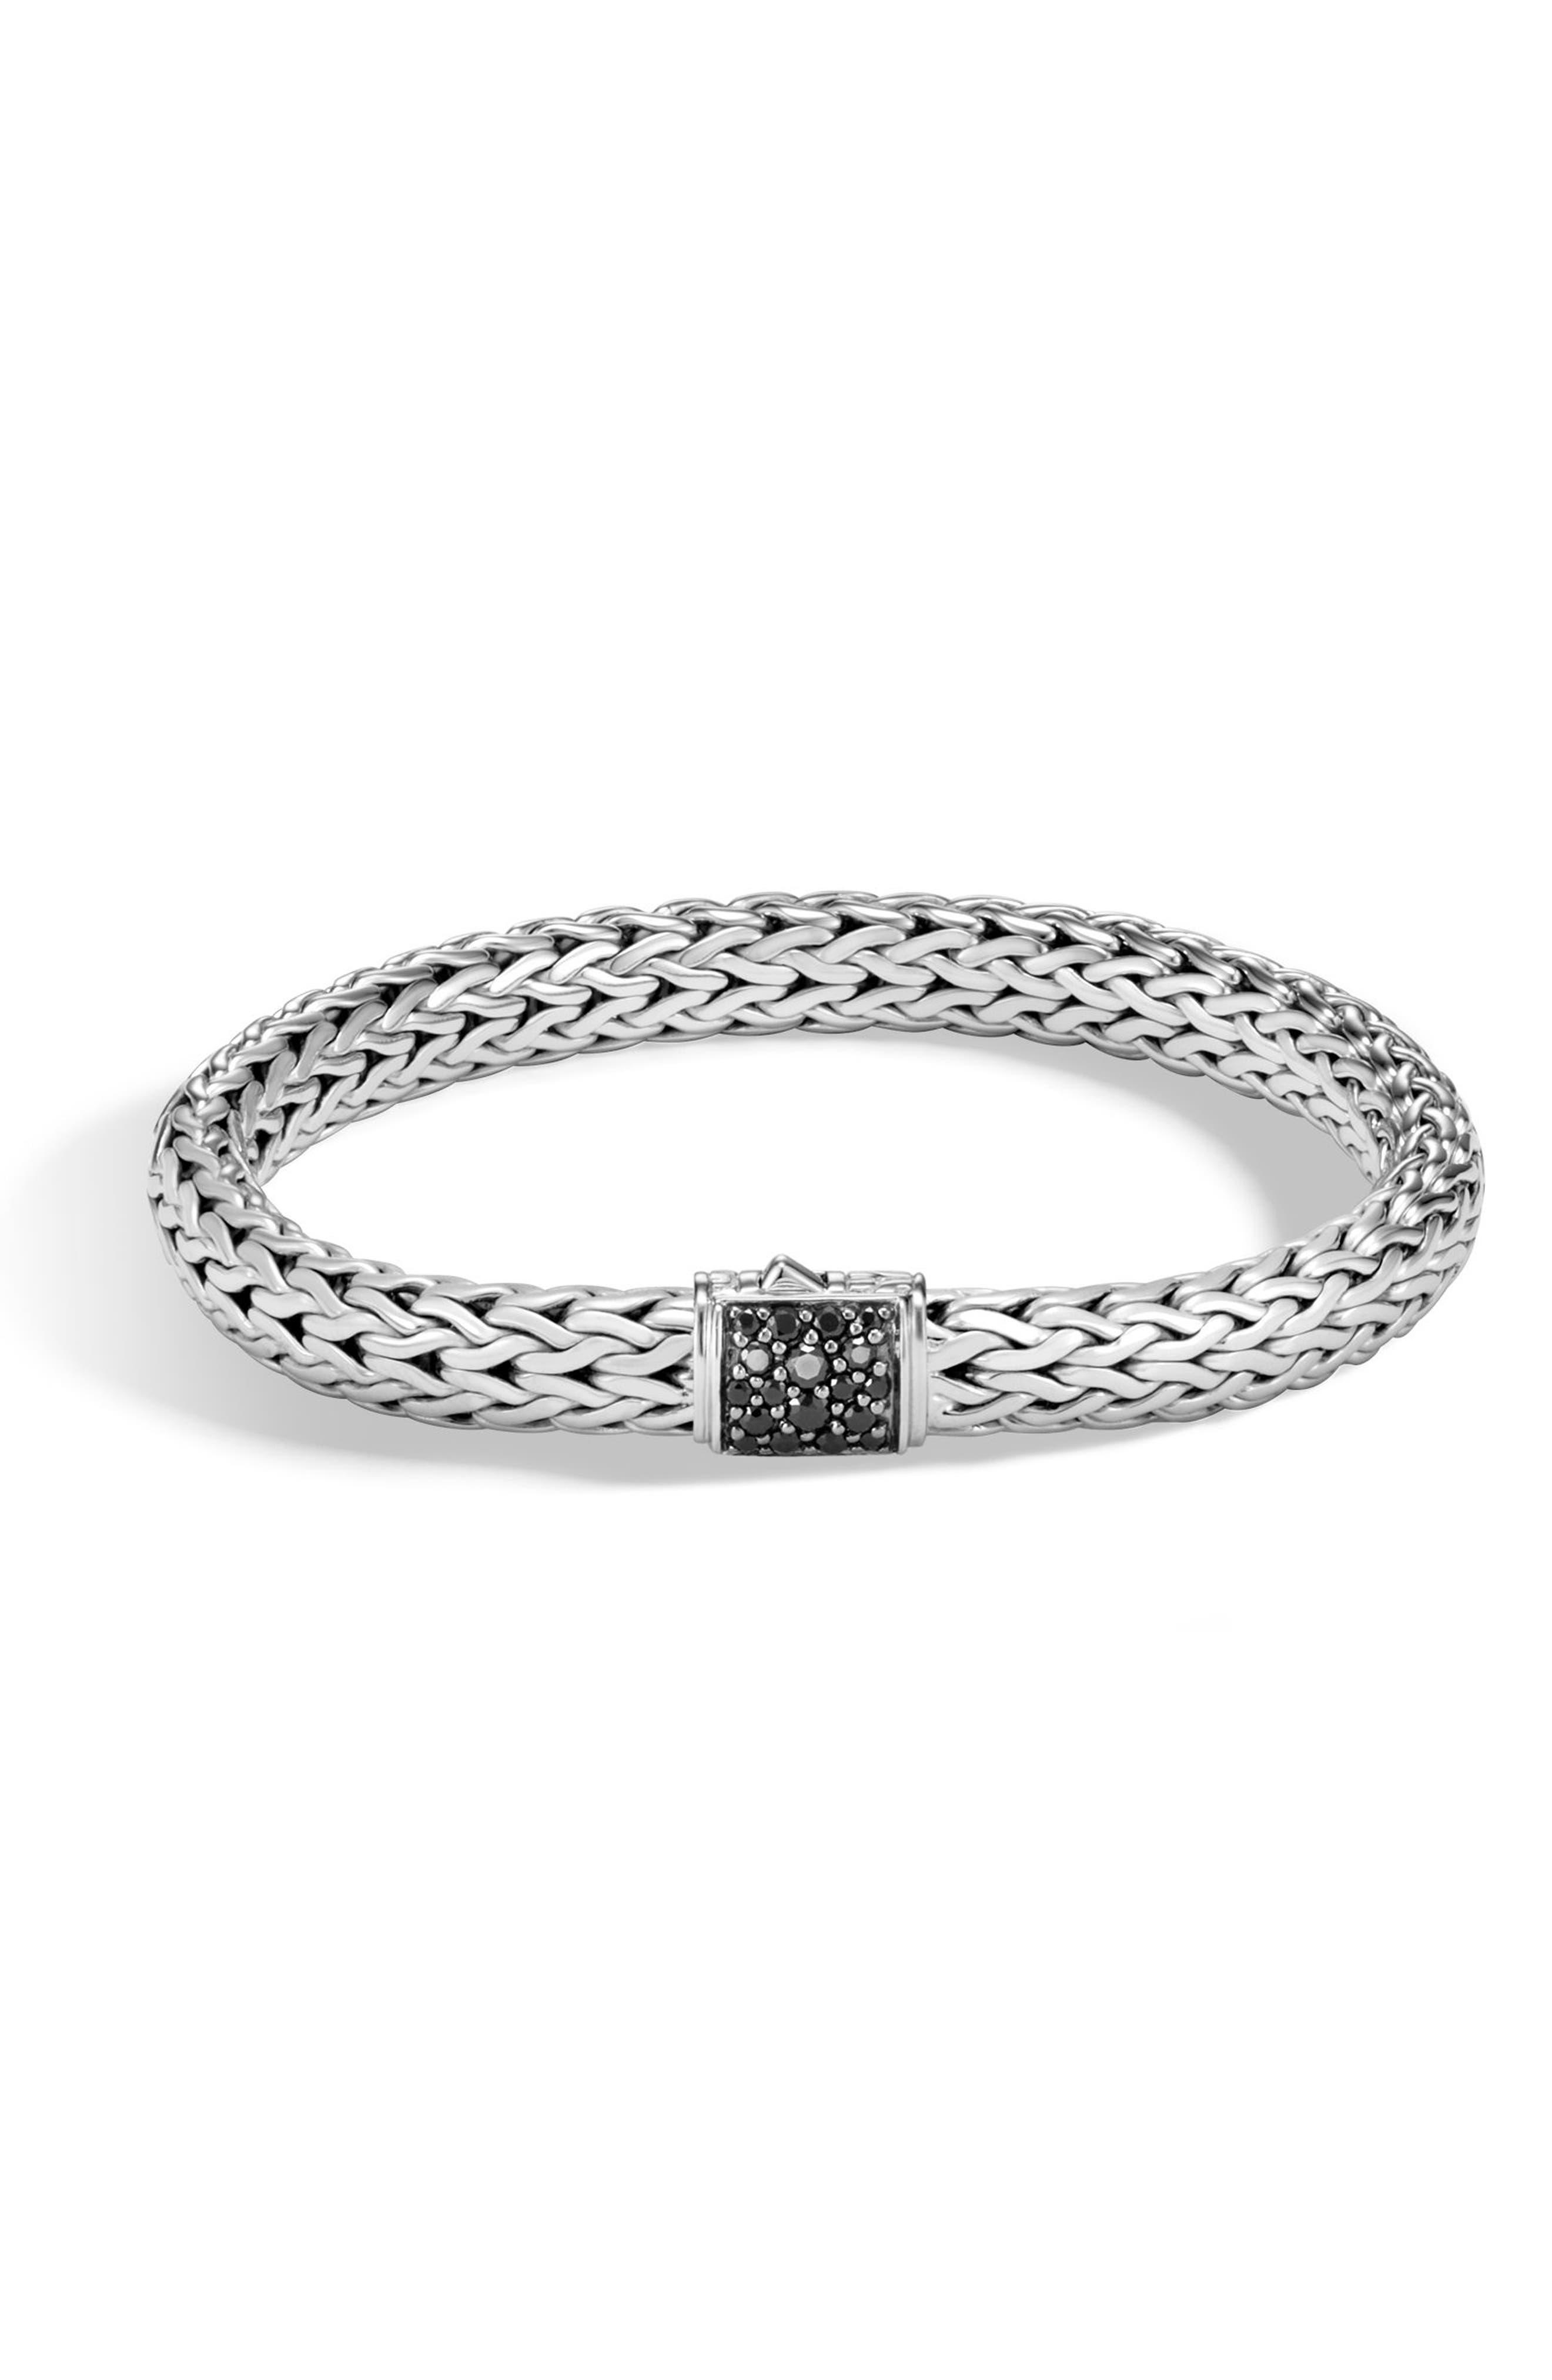 Men's Lava Square Chain Bracelet,                         Main,                         color, SILVER/ BLACK SAPPHIRE